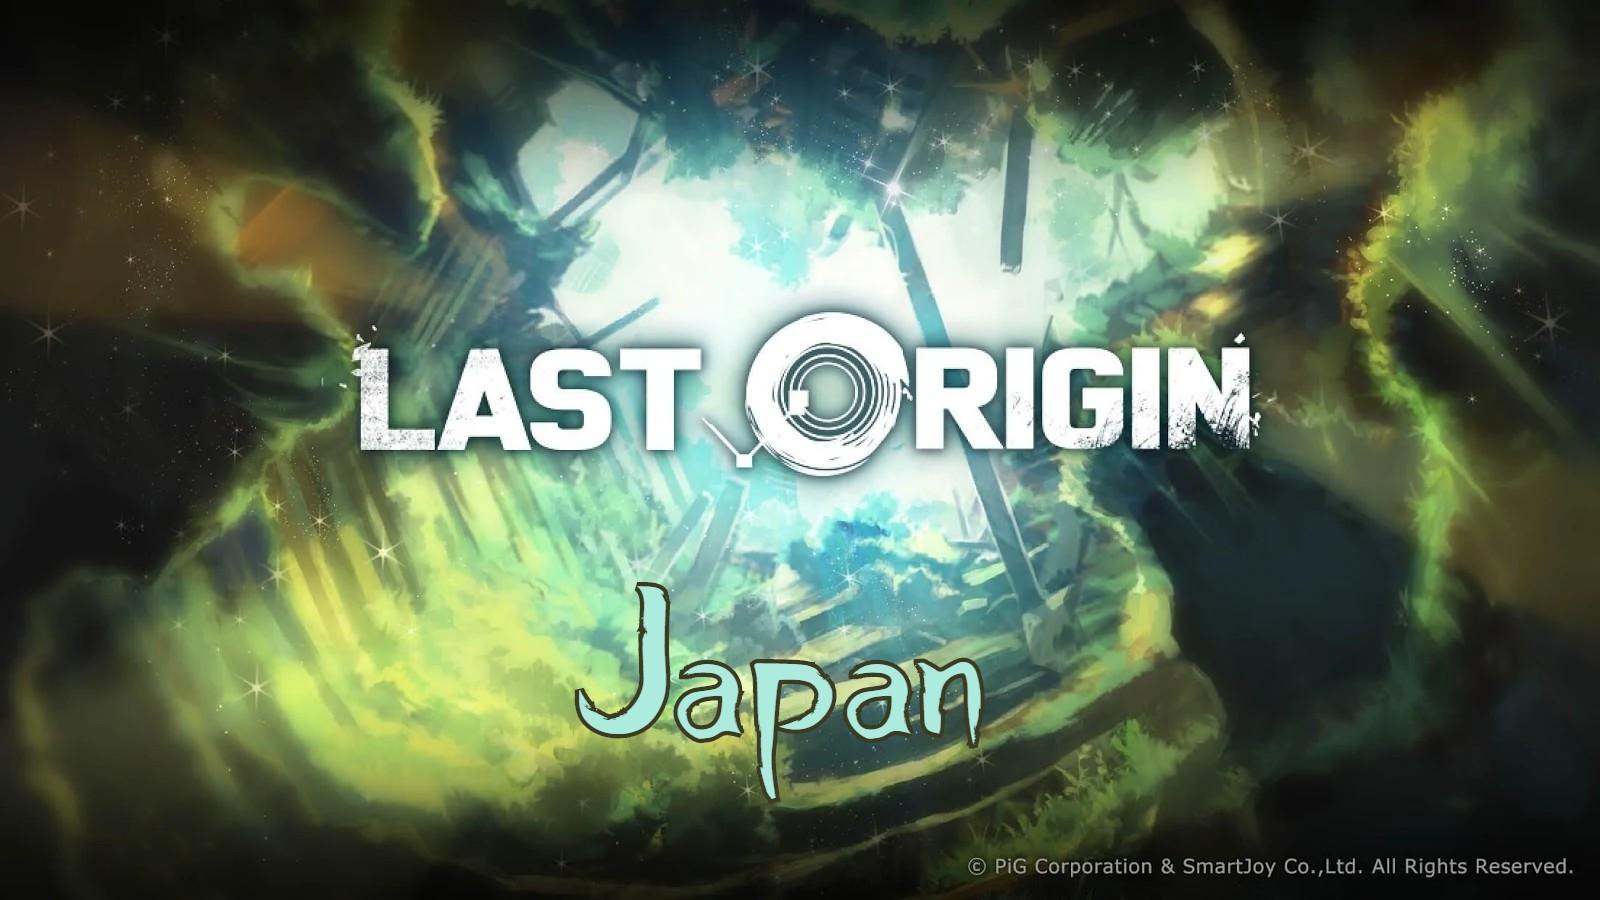 Last Origin Japan